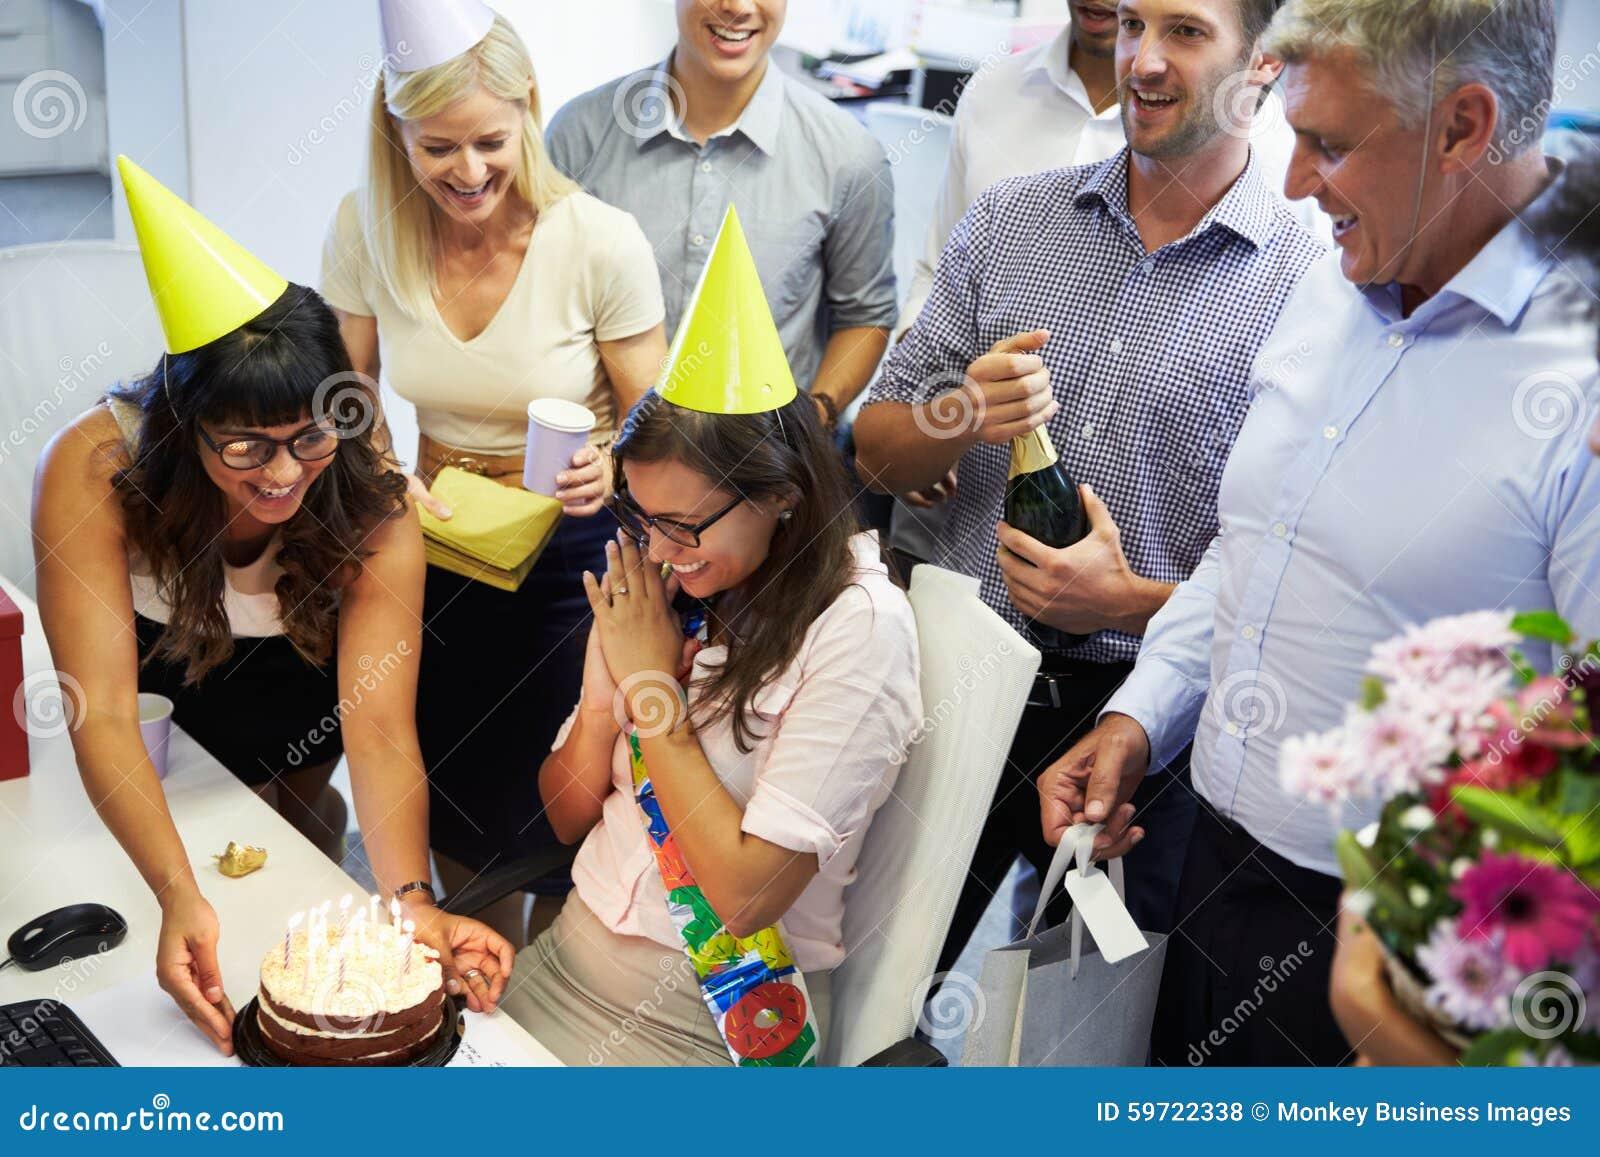 Feiern Des Geburtstages Eines Kollegen Im Buro Stockfoto Bild Von